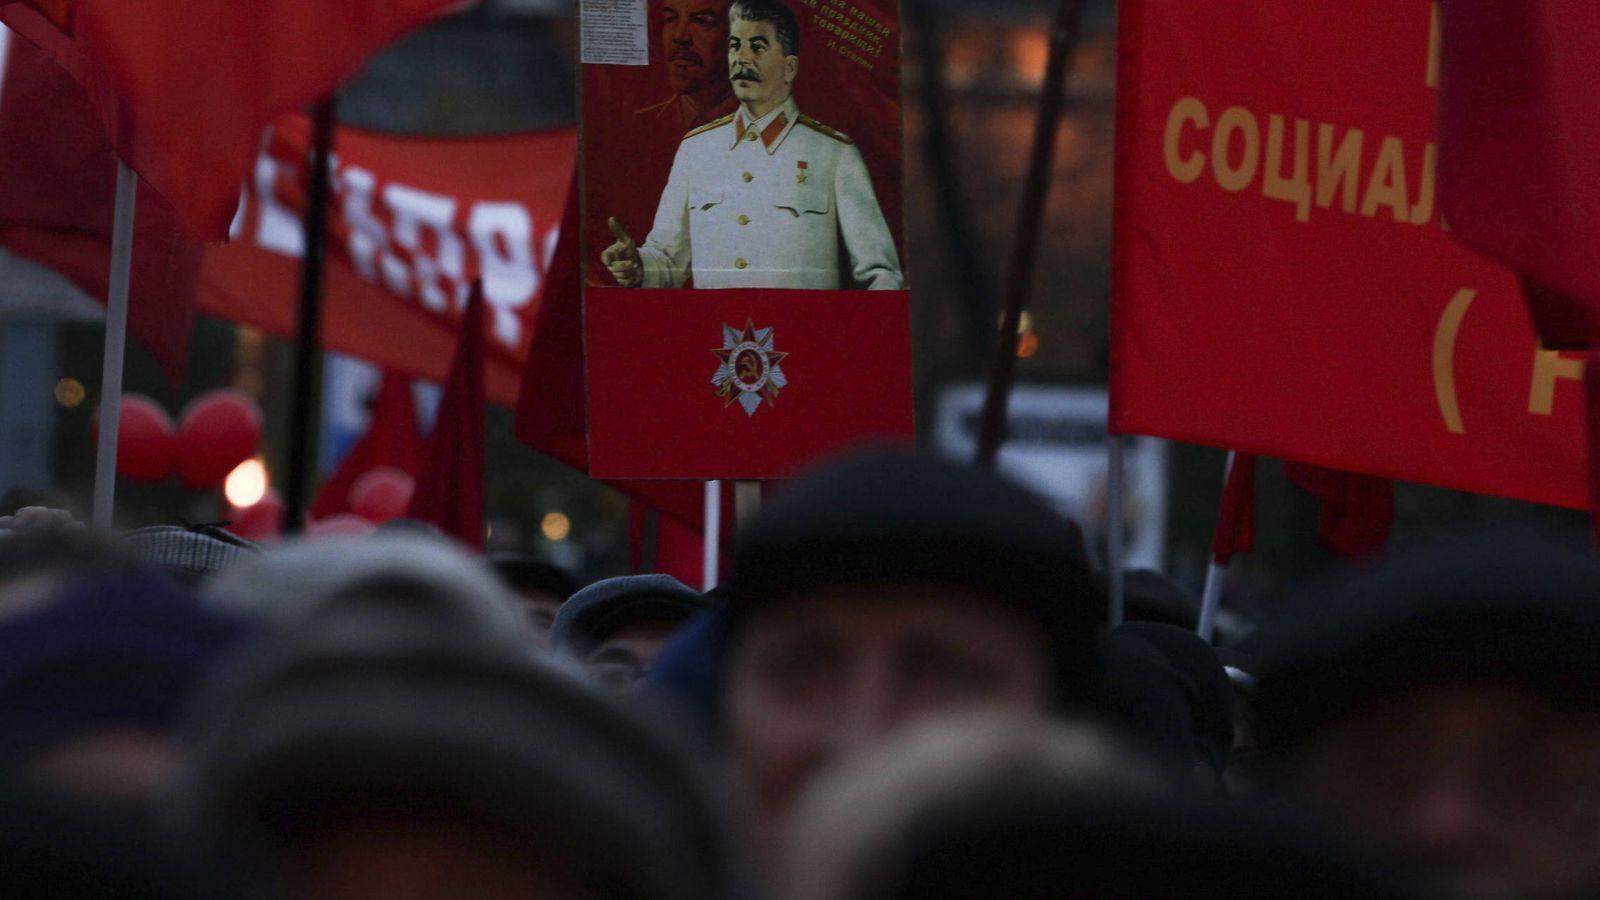 Foto: Miembros del partido comunista sujetan carteles con la foto de Stalin durante la celebración del niversario de la Gran Revolución Socialista de Octubre. (EFE)